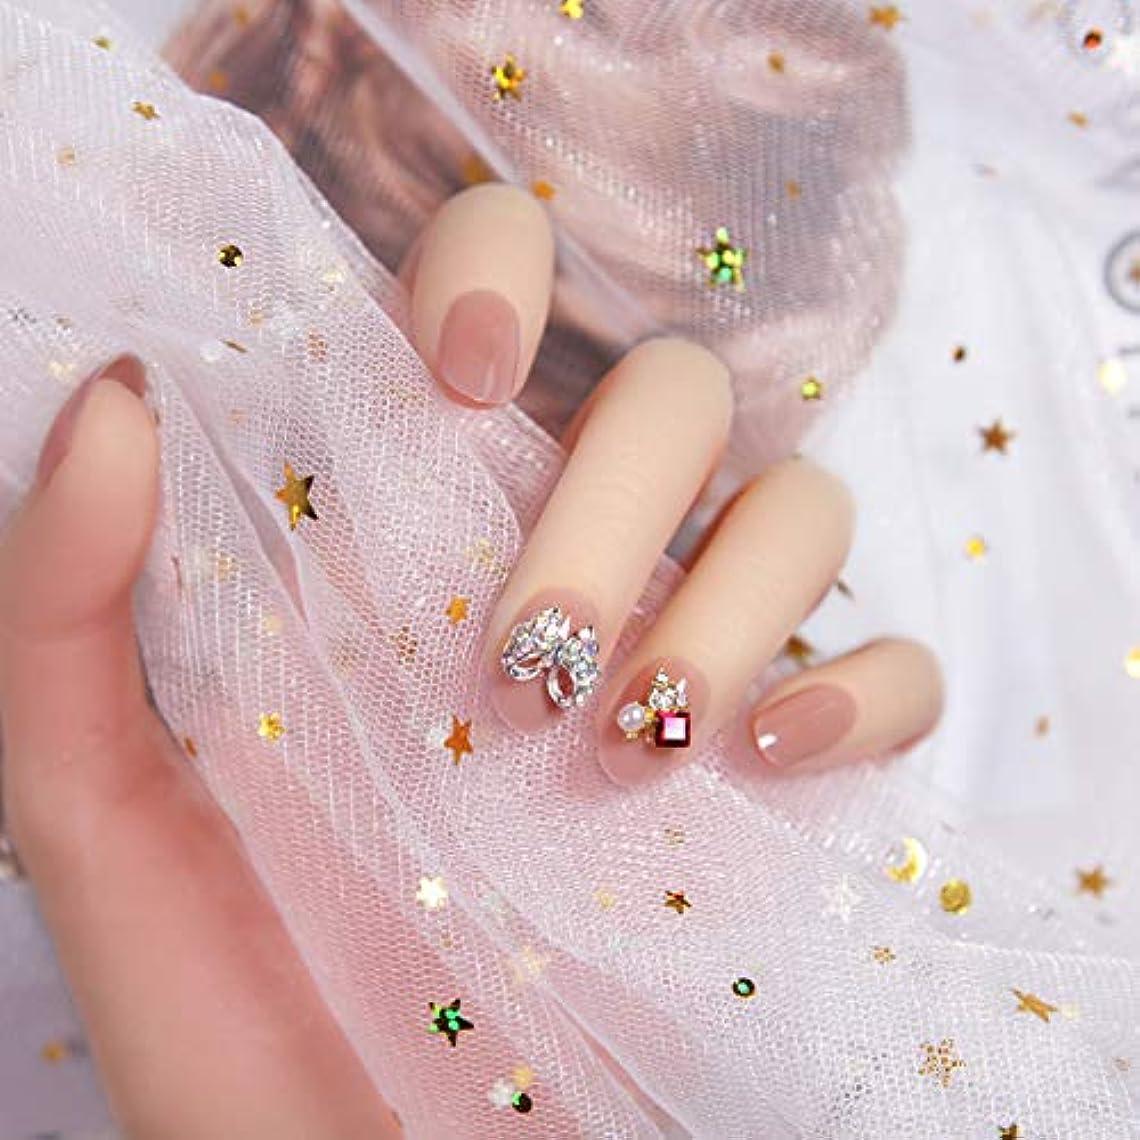 落とし穴現実的旅行者ピンク 3D ネイルチップ 人造ダイヤモンド 24枚入 原宿 和風 夢幻 和装 手作りネイルチップ 結婚式ネイルチップ